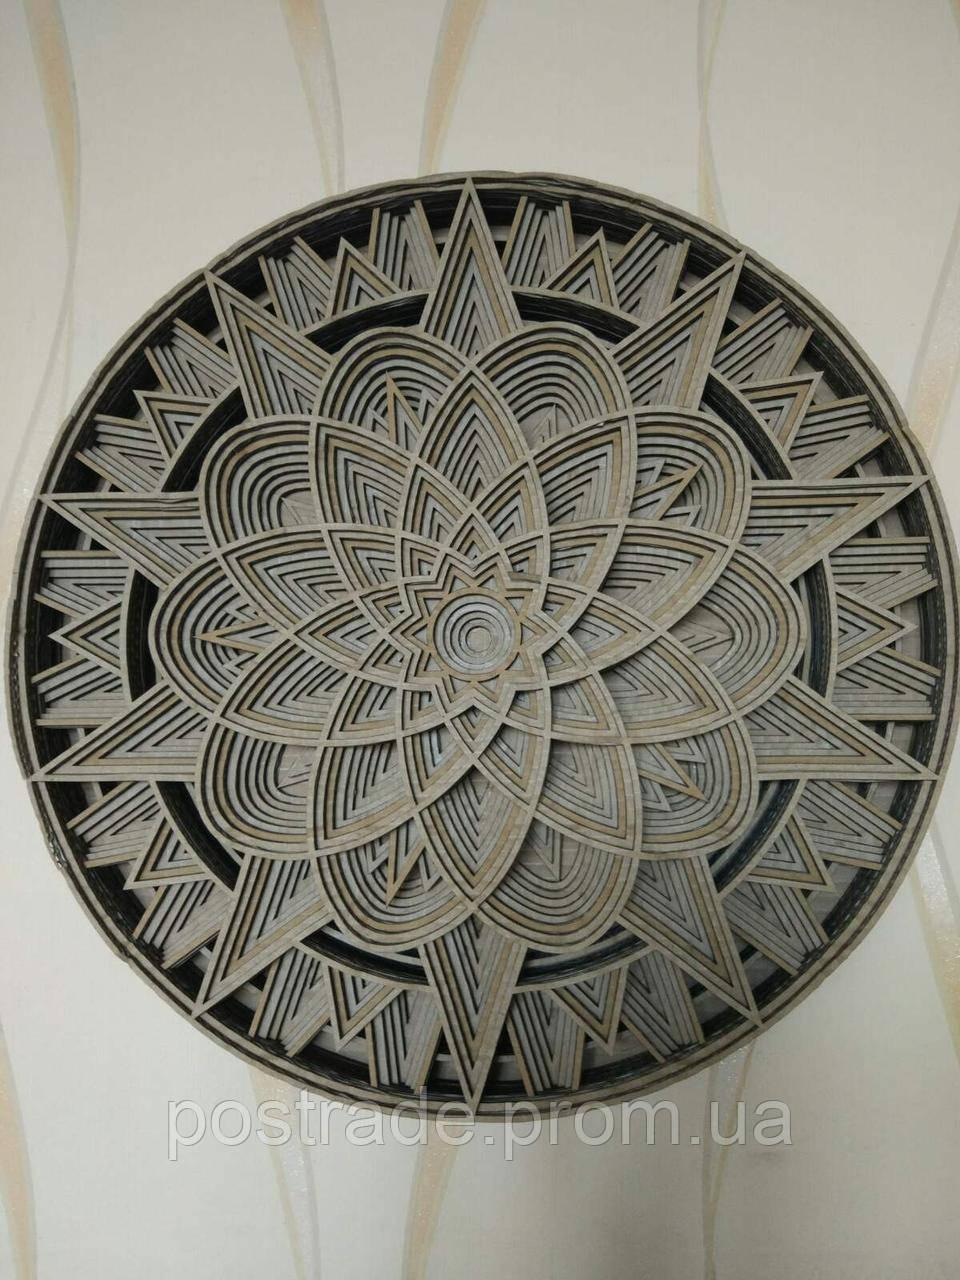 Панно настенное декоративное 3D. Объемная картина